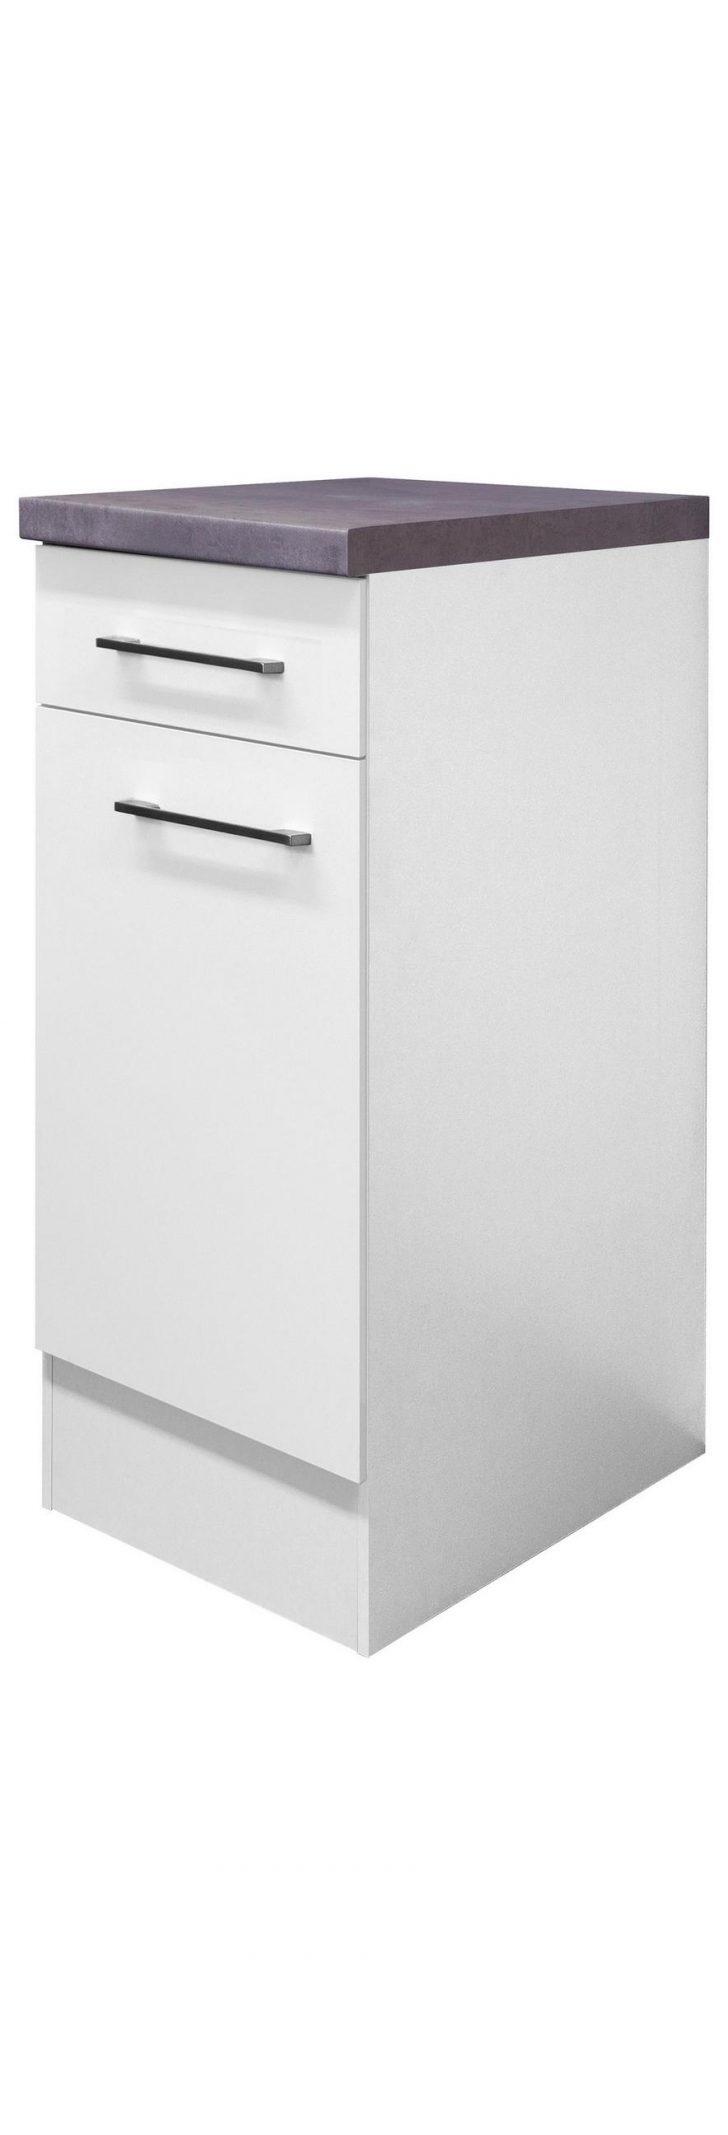 Medium Size of Küchenunterschrank Kchenunterschrank Wei Online Kaufen Mmax Wohnzimmer Küchenunterschrank